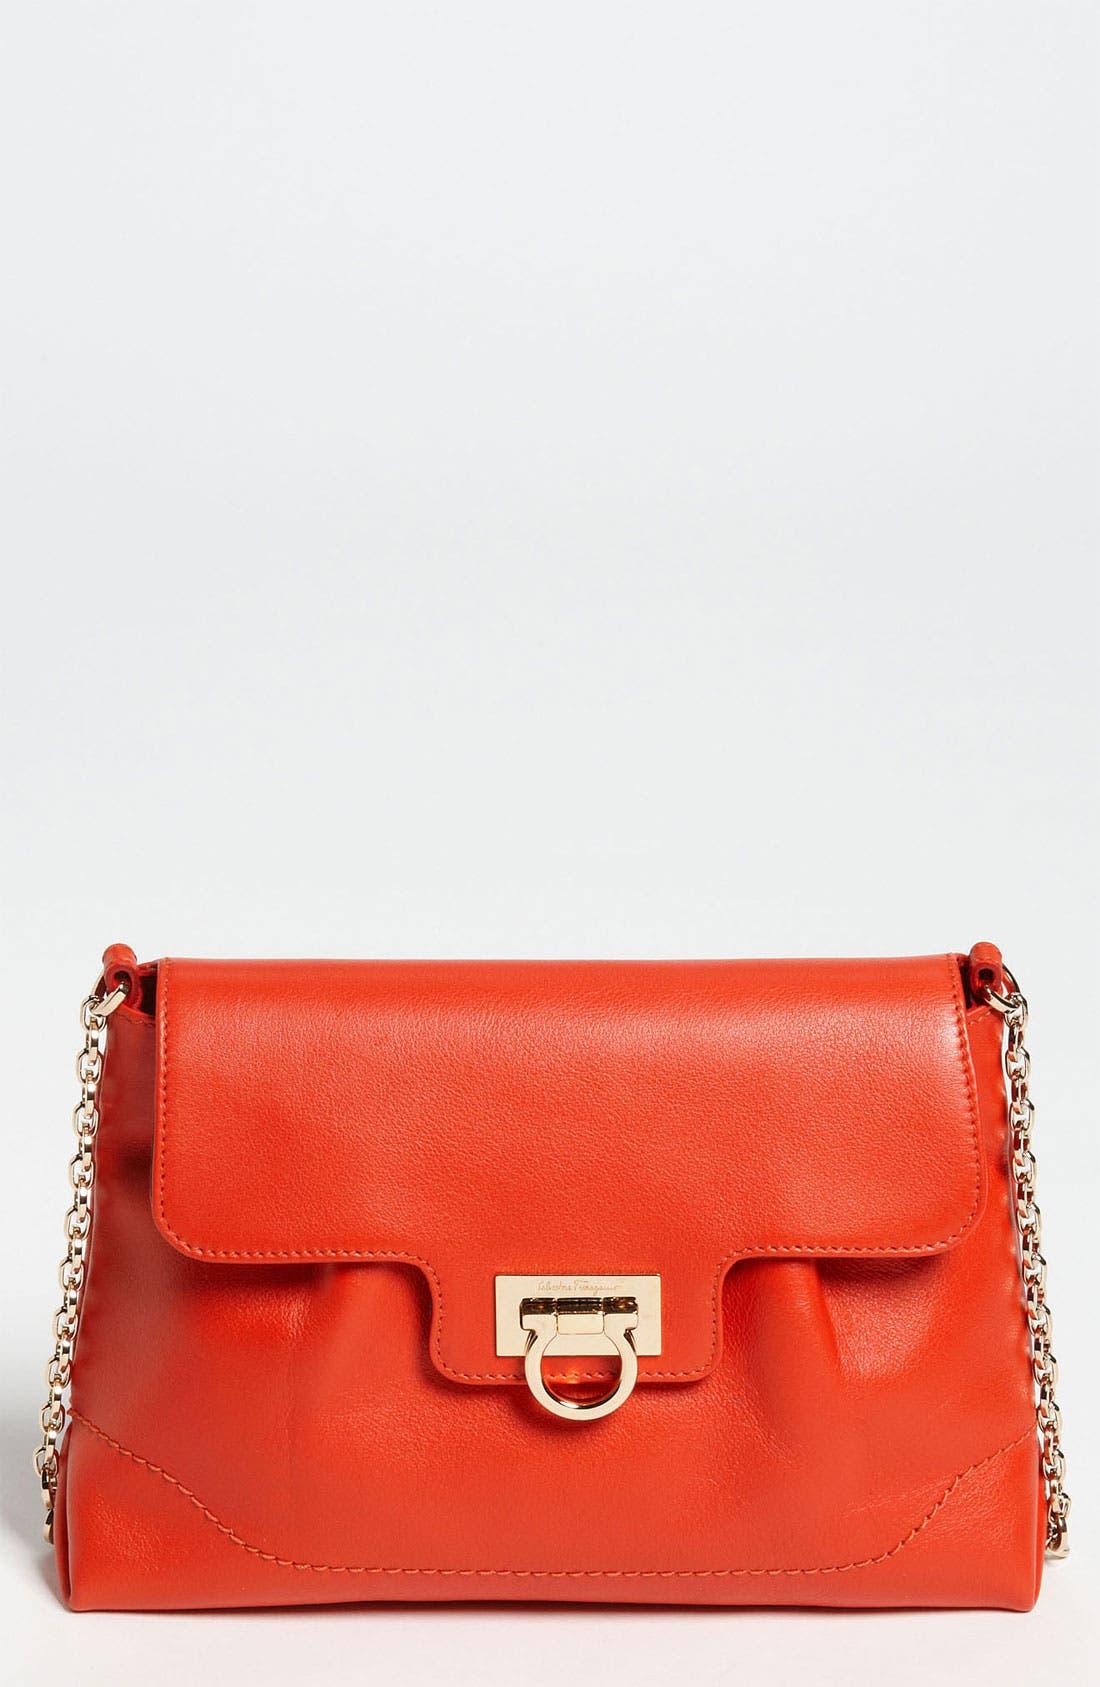 Alternate Image 1 Selected - Salvatore Ferragamo 'Amelie' Leather Shoulder Bag